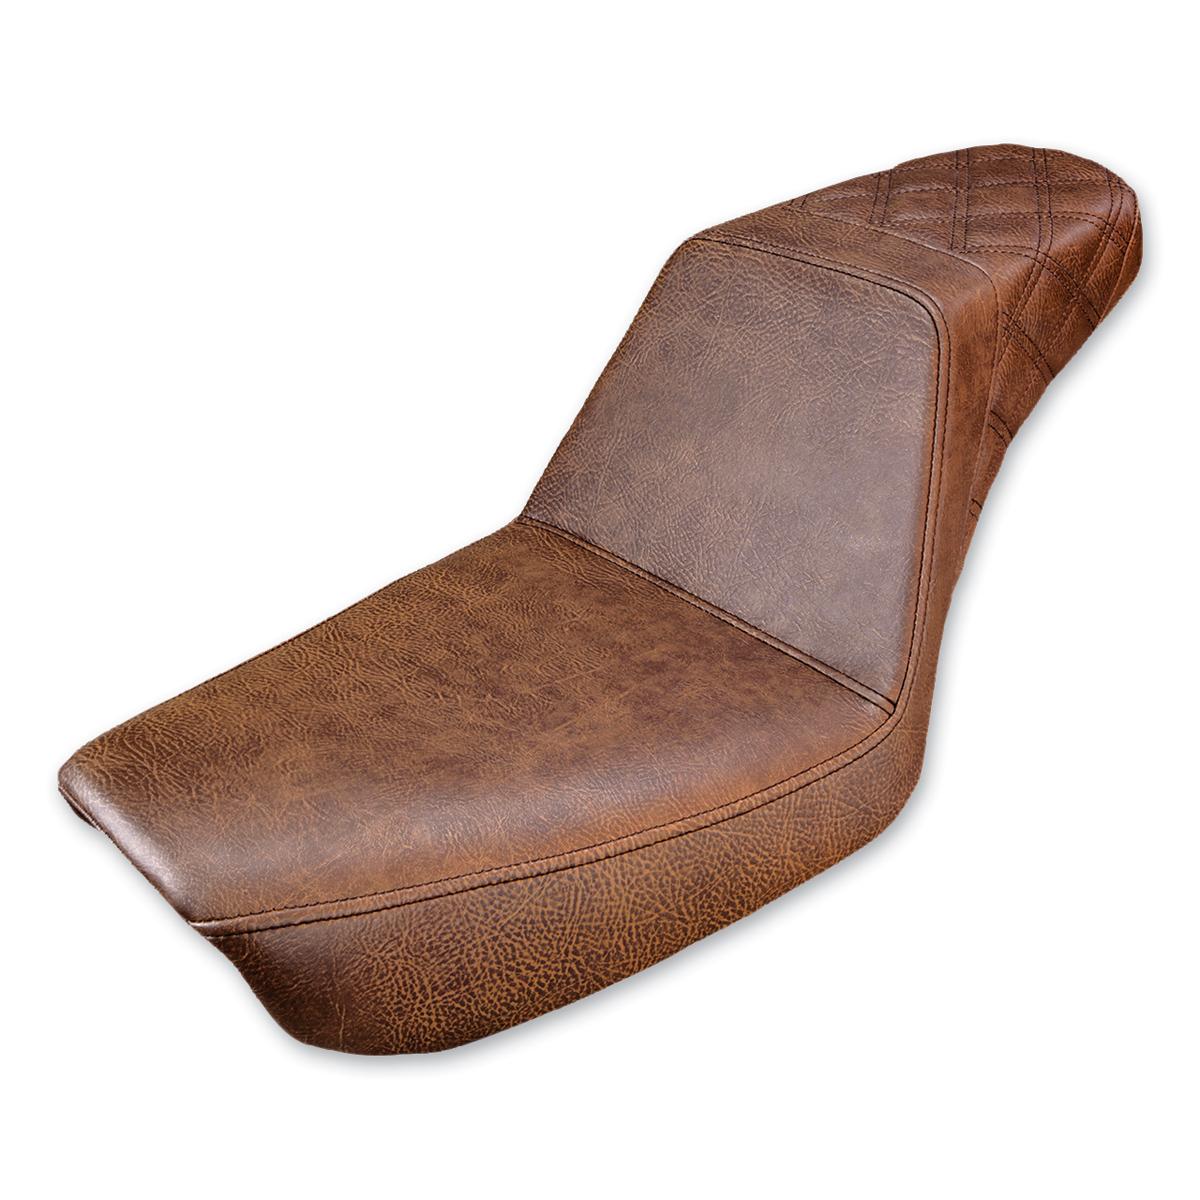 Saddlemen Rear LS Step Up Brown Seat